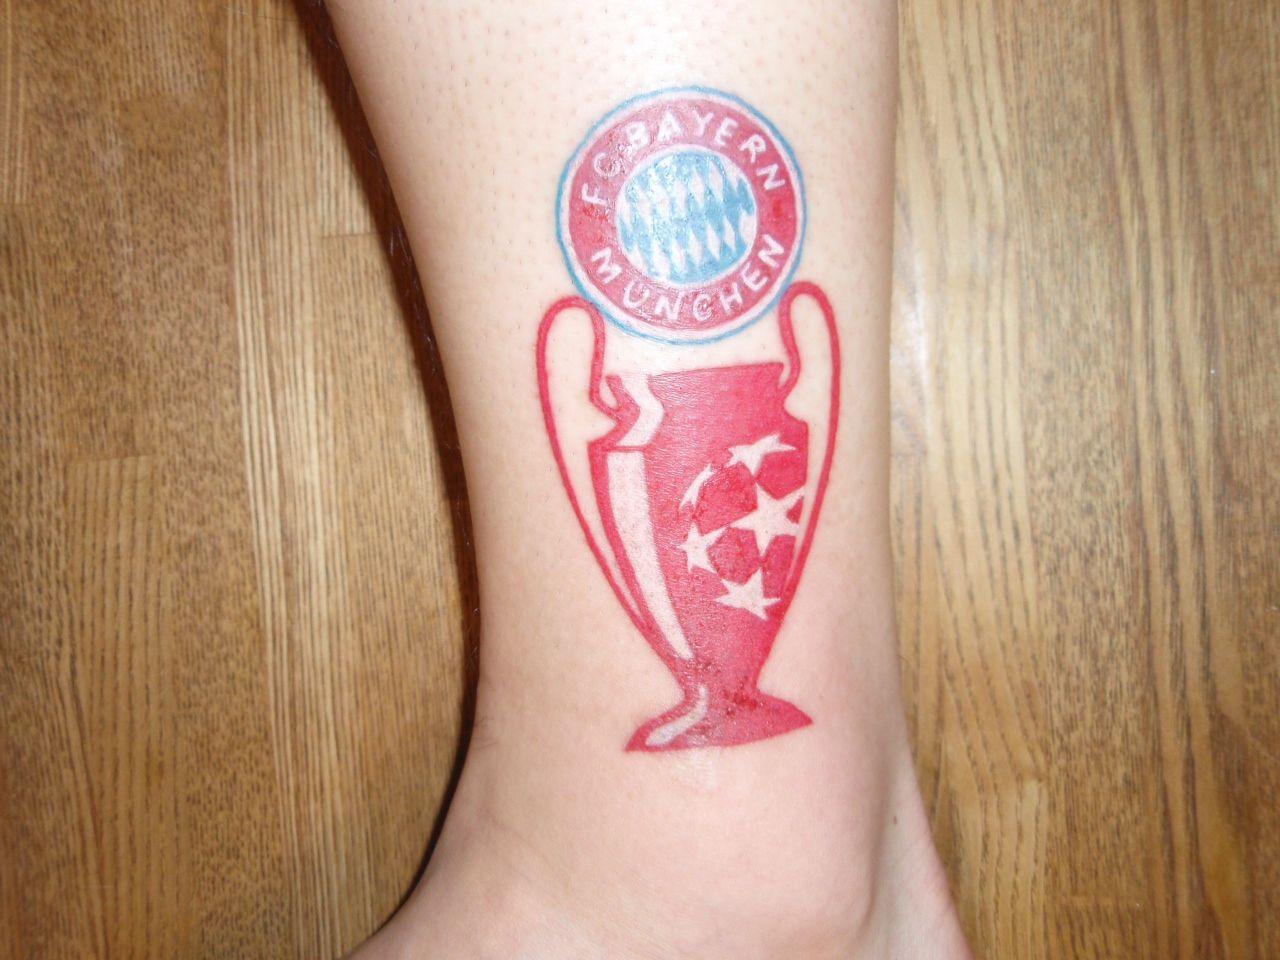 It's my tattoo! #fcbayern #tattoo